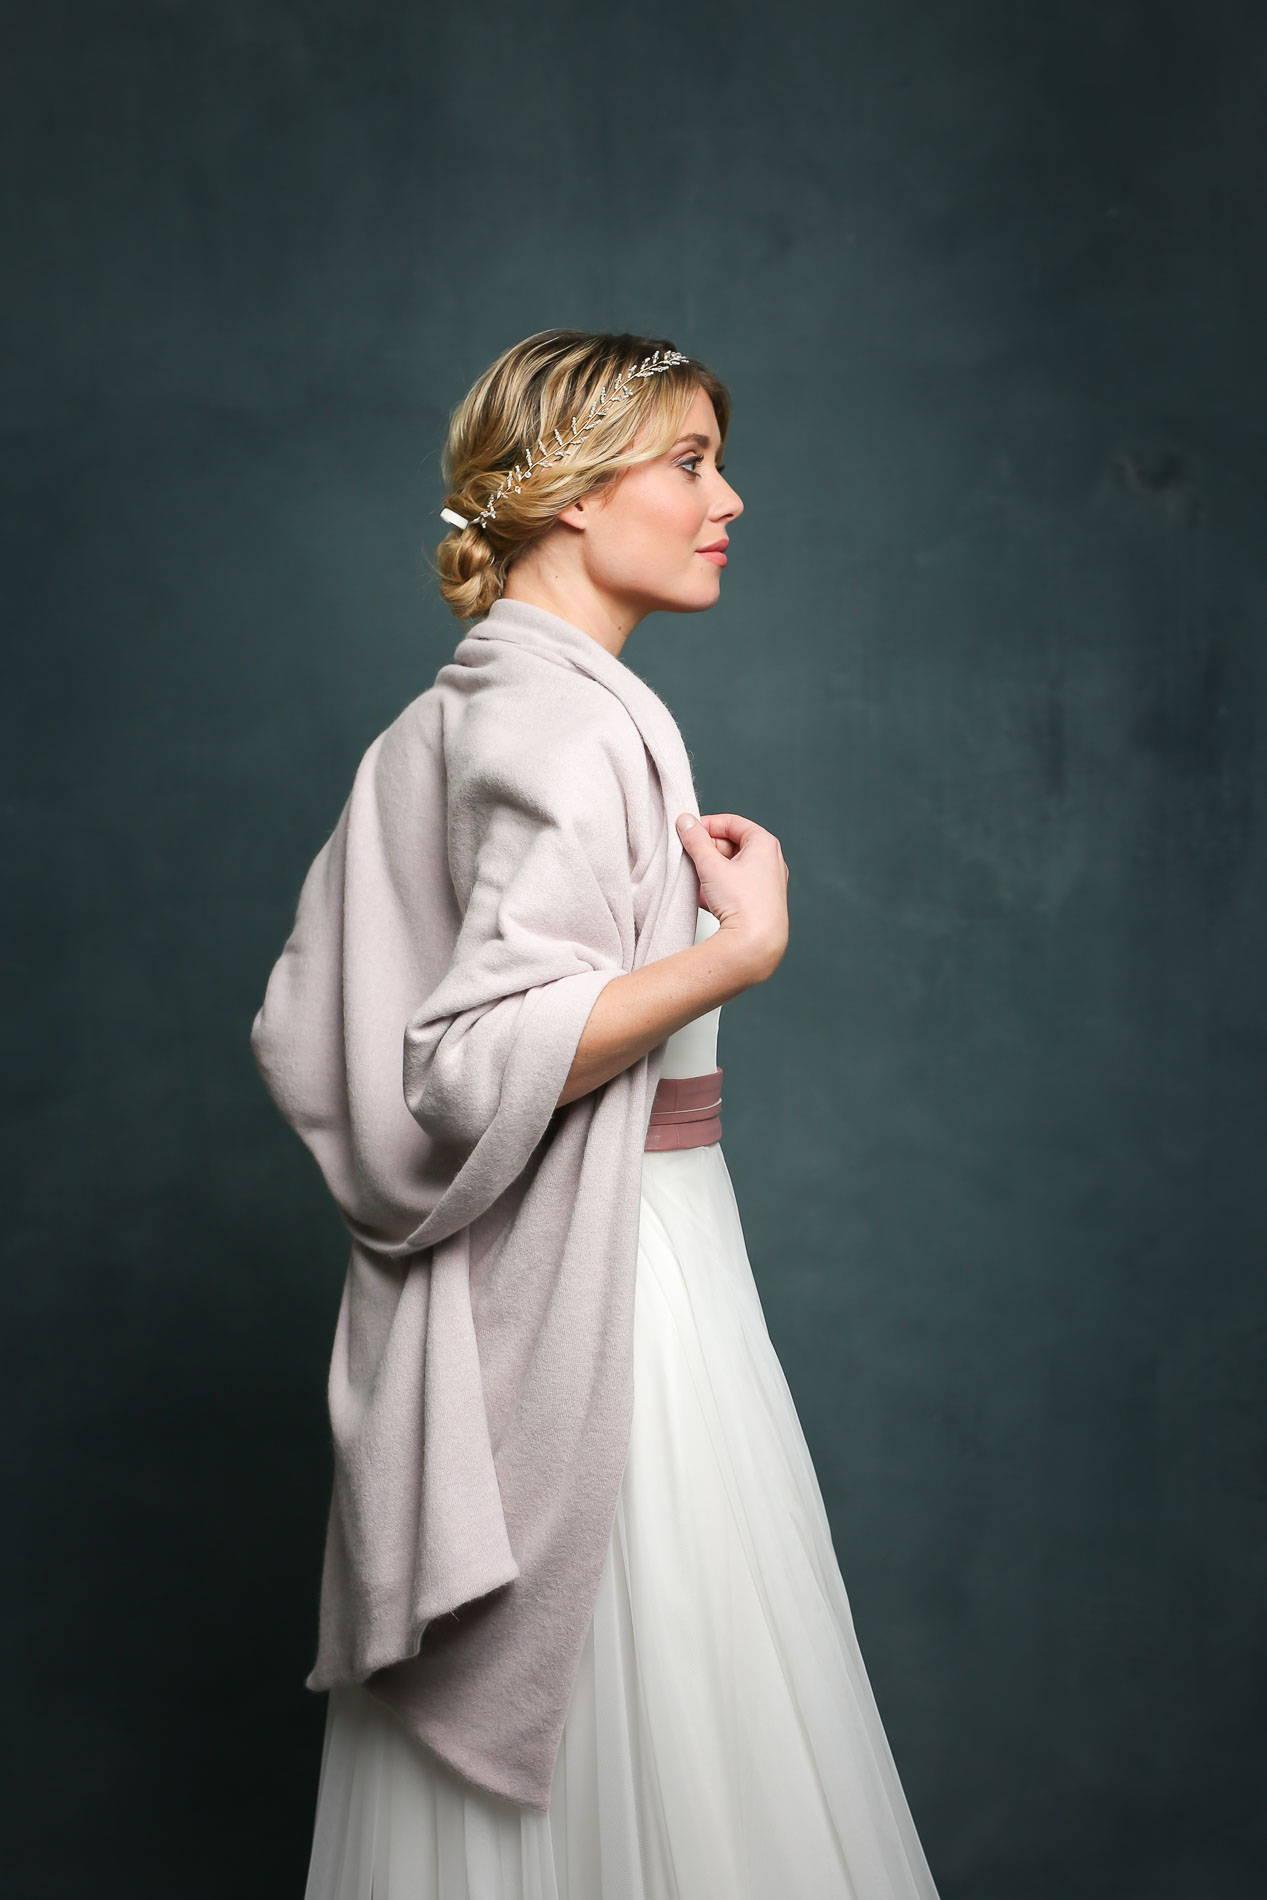 noni Brautkleider, mehretiliges Brautkleid mit Tüllrock und Corsage in Ivory, dazu Brautstola in Pastellviolett